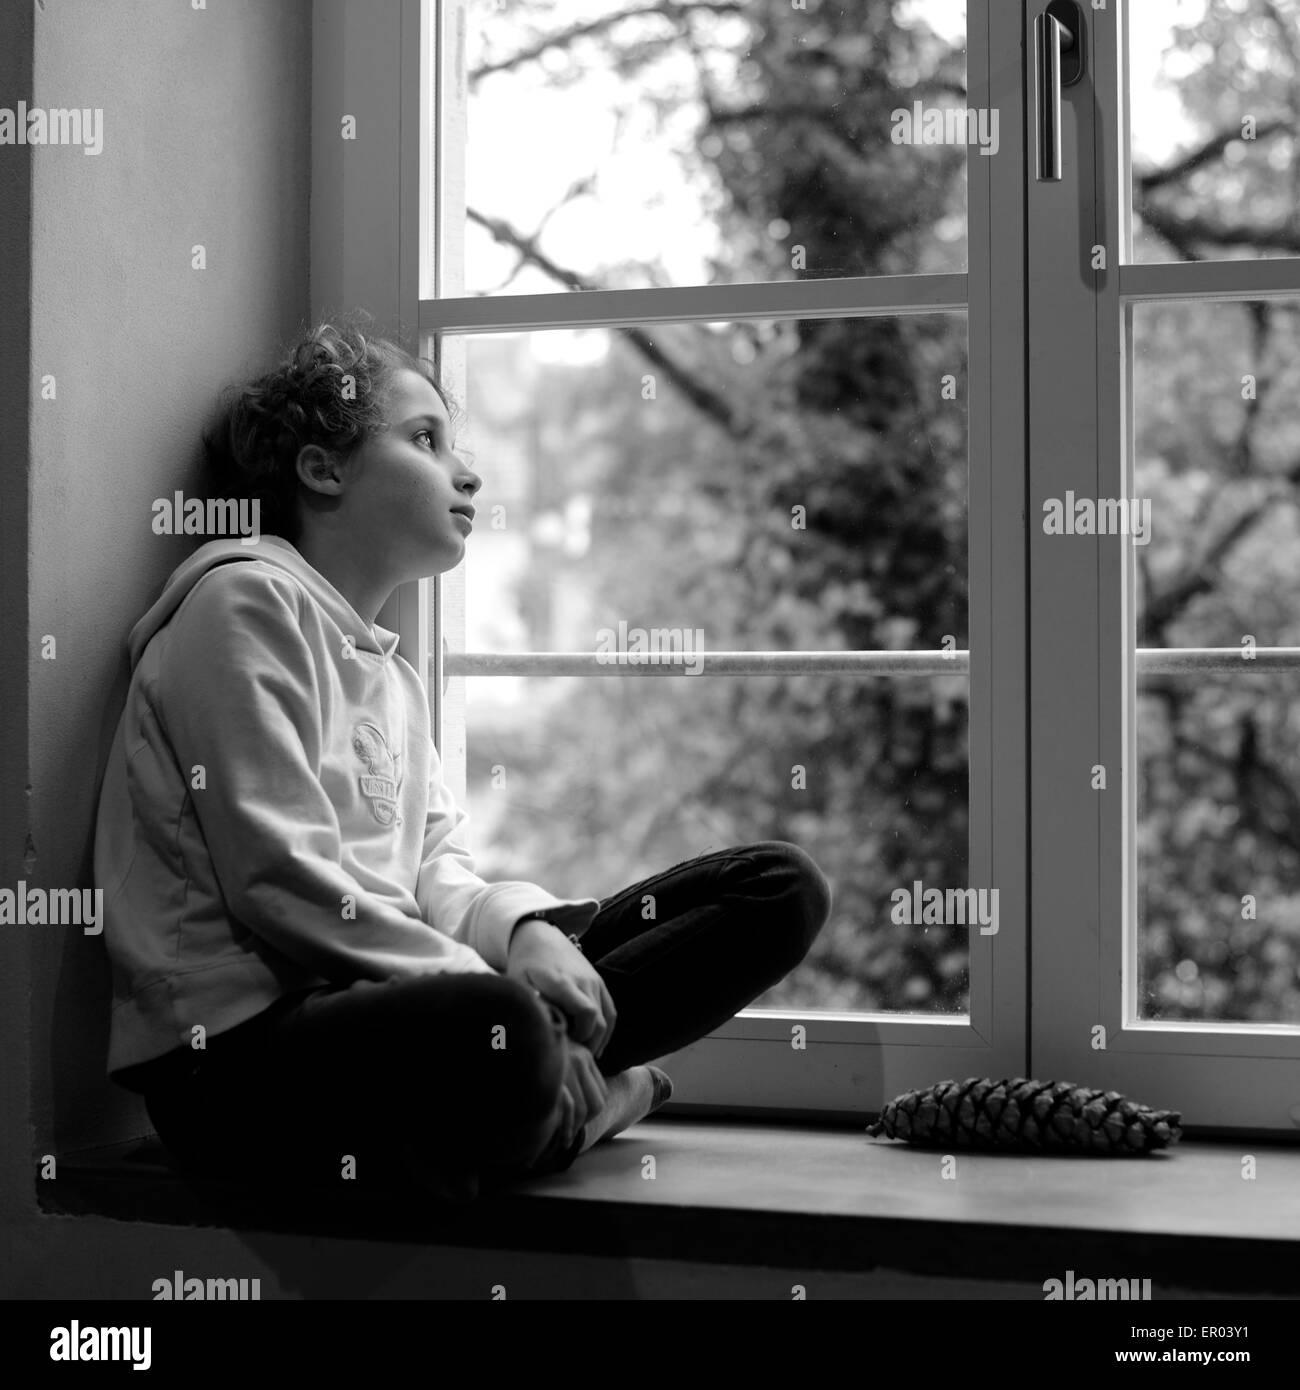 Girl looking throug a window stock image